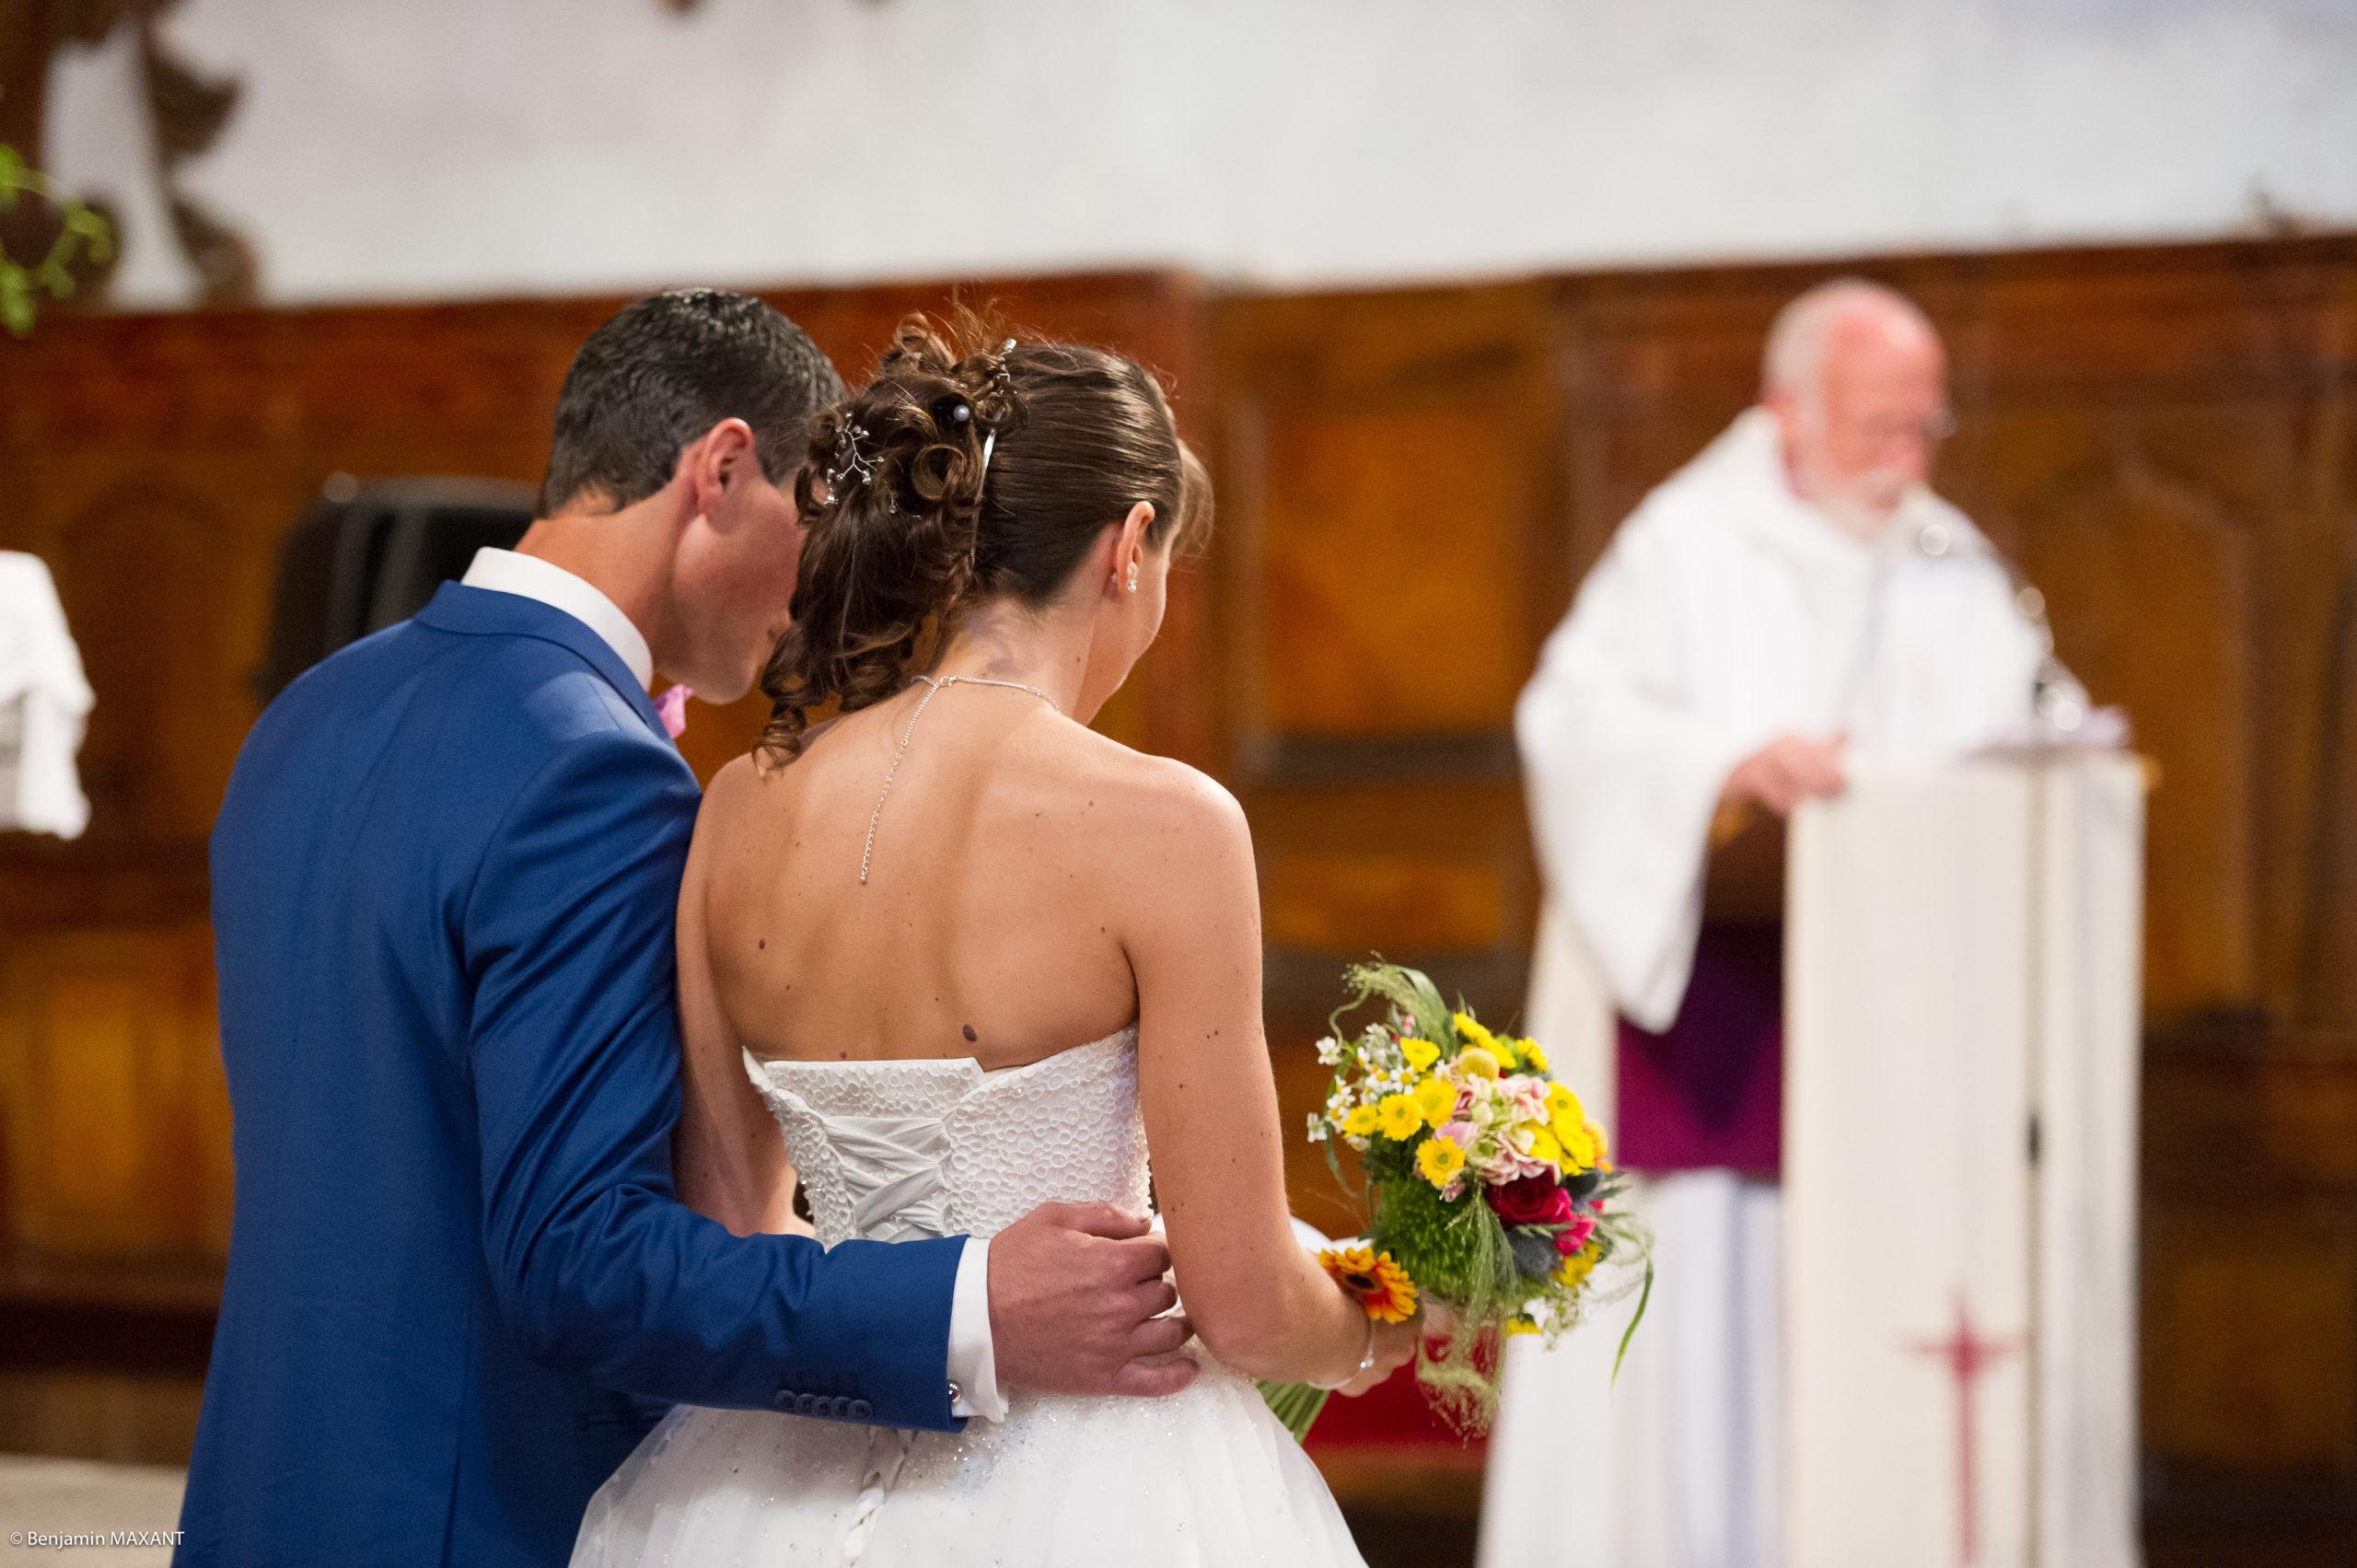 Les mariés lisent attentivement les textes religieux